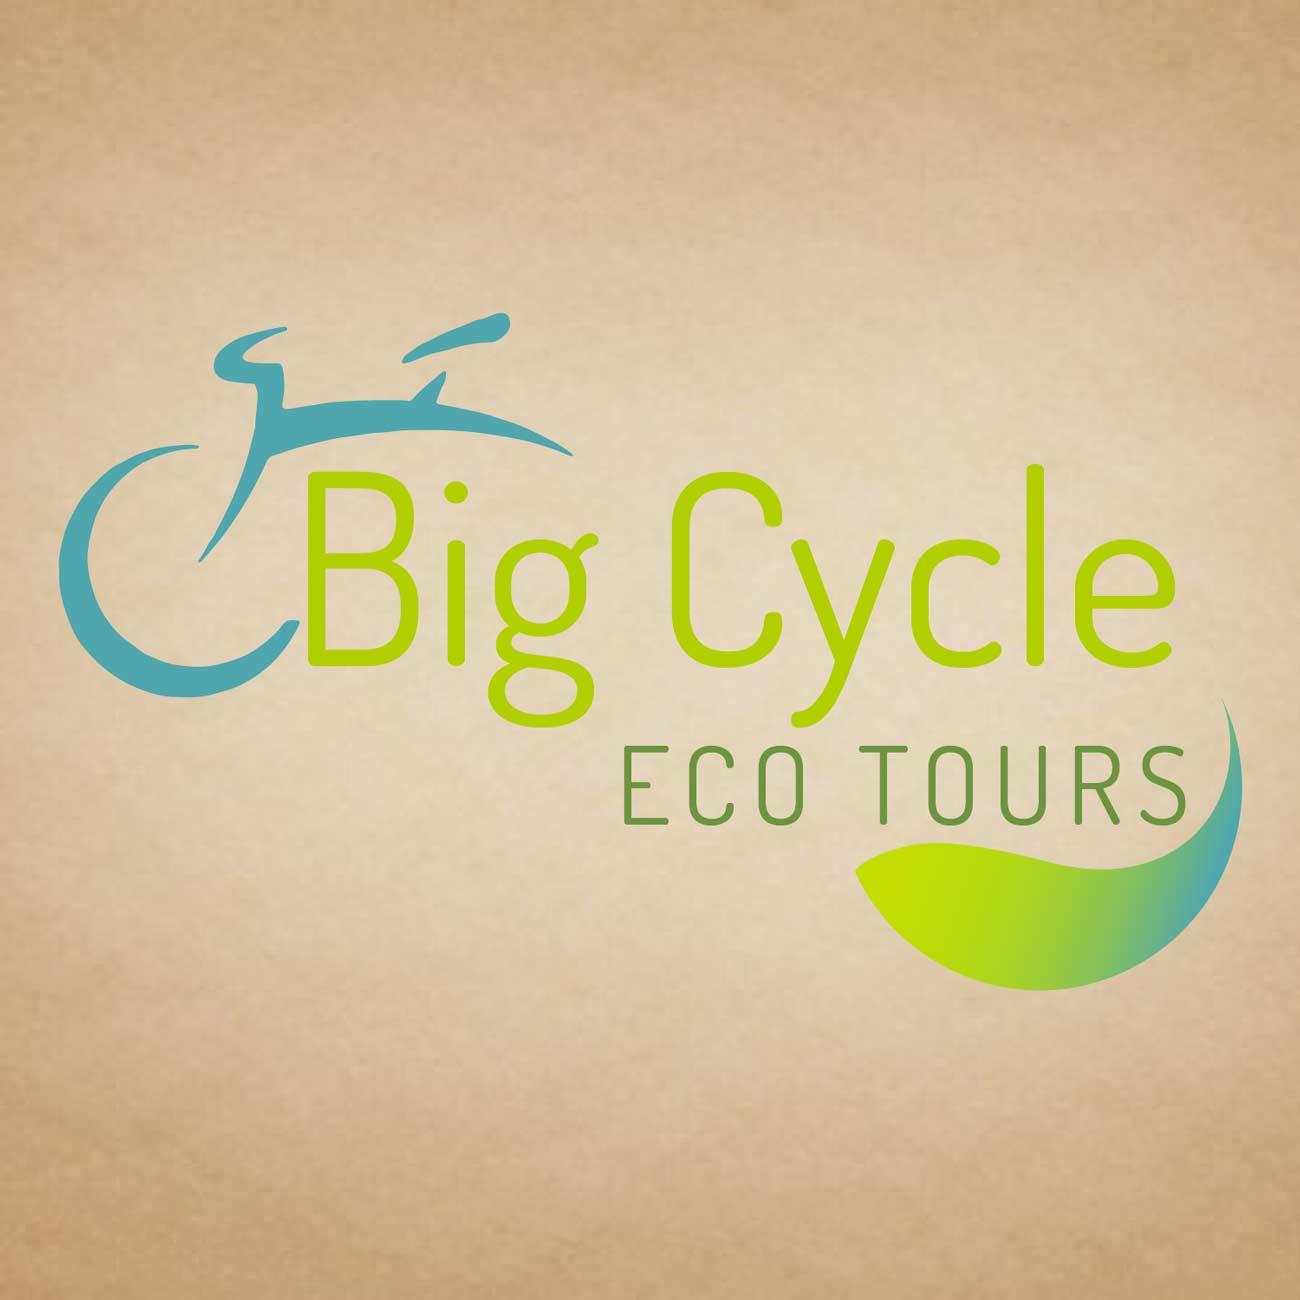 Big Cycle Eco Tours